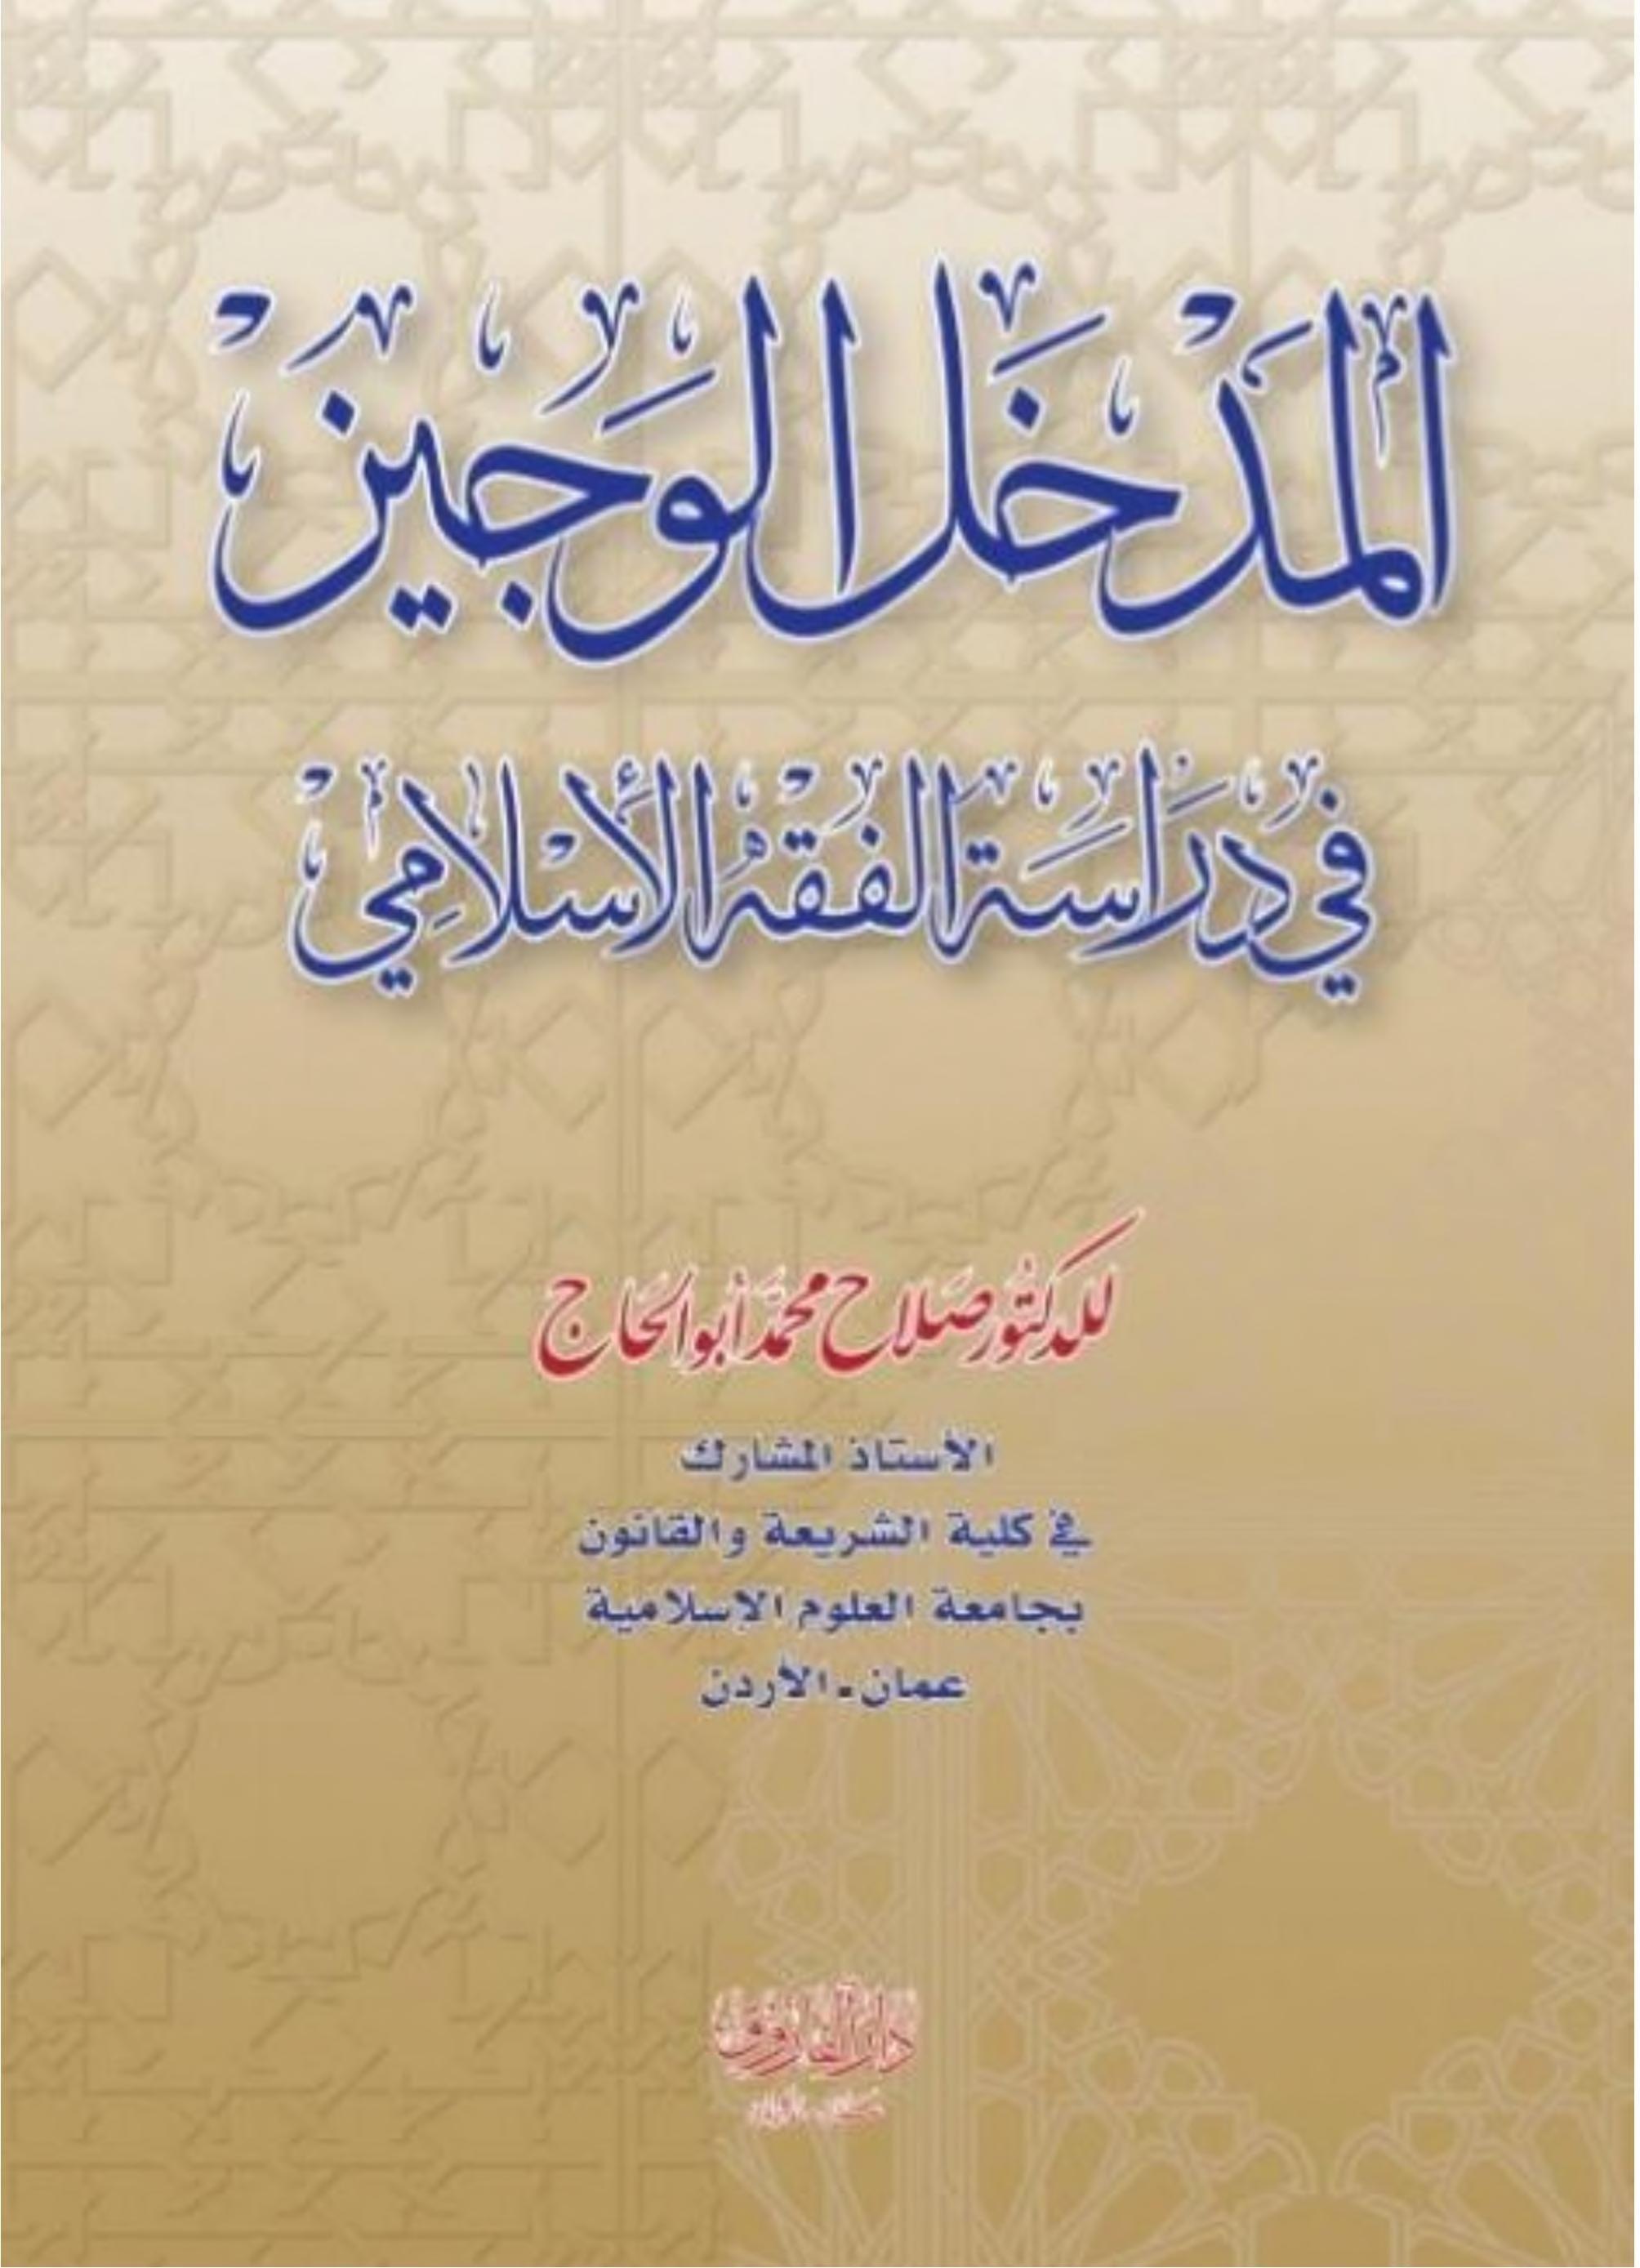 المدخل الوجيز في دراسة الفقه الإسلامي الدكتور صلاح أبو الحاج Free Download Borrow And Streaming Internet Archive Arabic Books Internet Archive Books